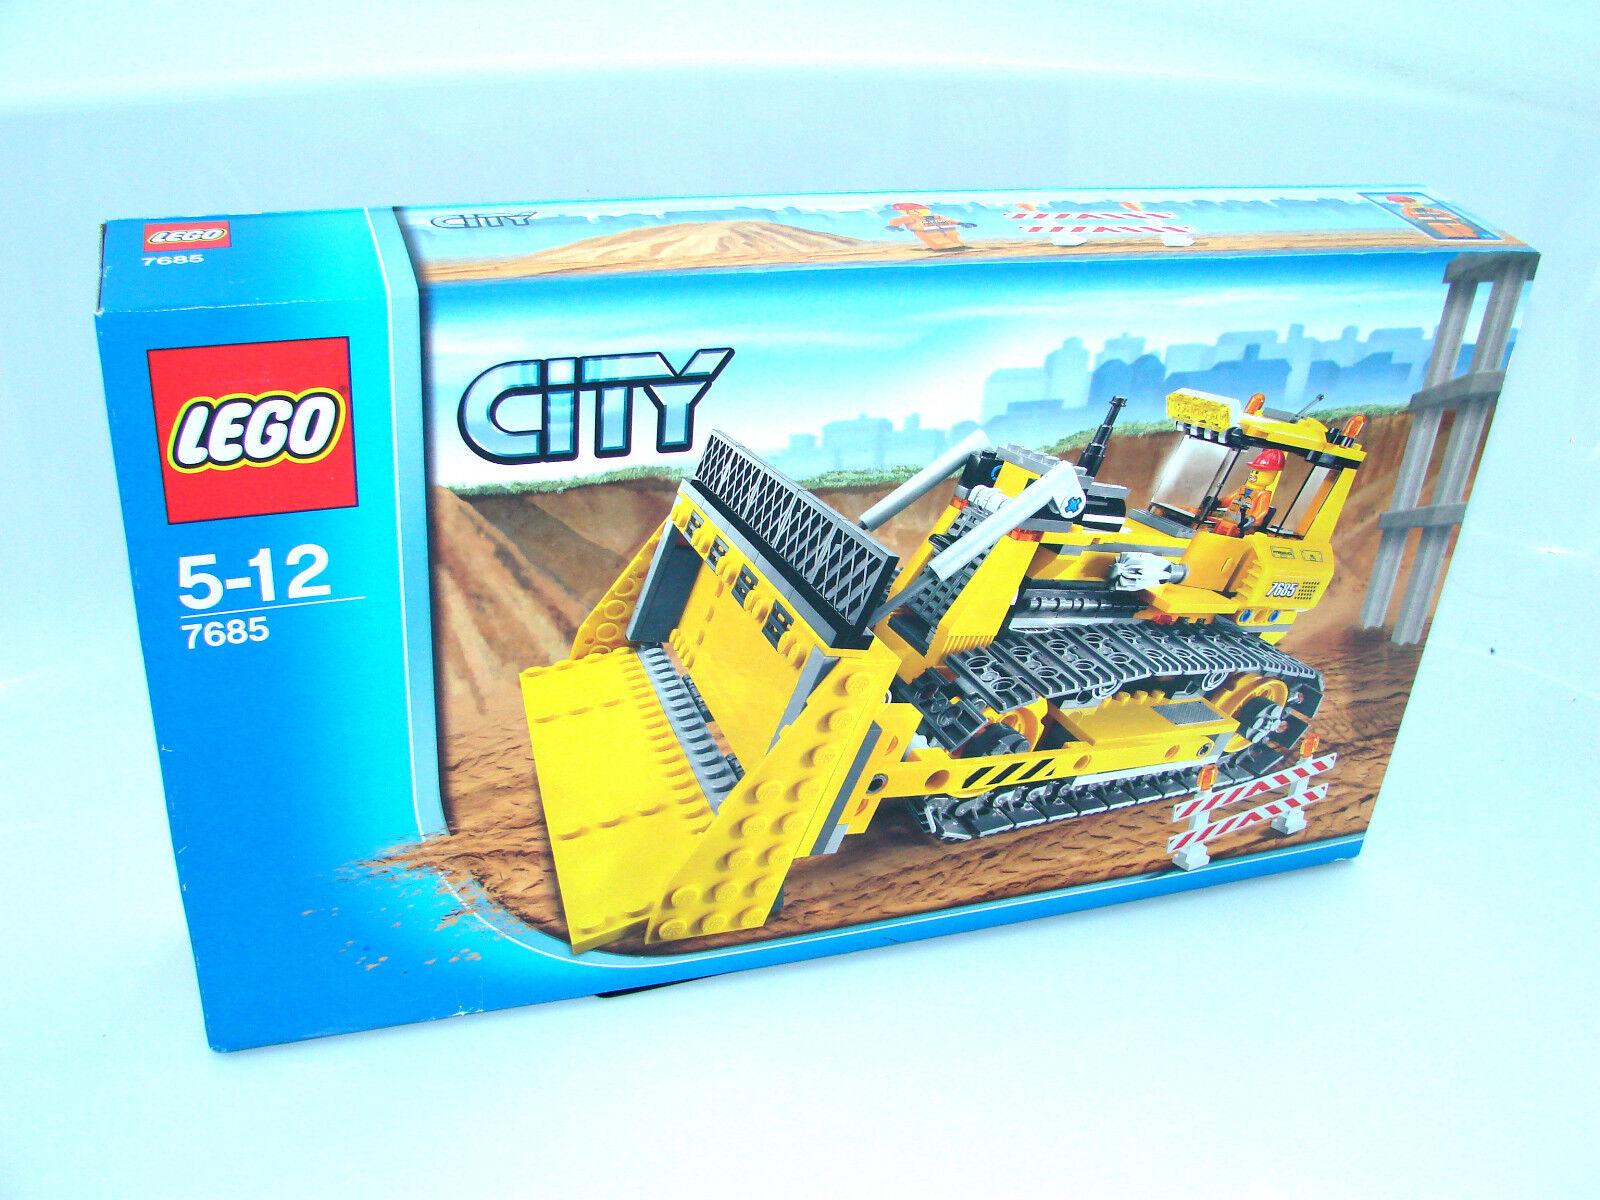 LEGO ® City 7685 Bulldozer Nouveau neuf dans sa boîte  _ unicellulaire nouveau En parfait état, dans sa boîte scellée Boîte d'origine jamais ouverte  voici la dernière